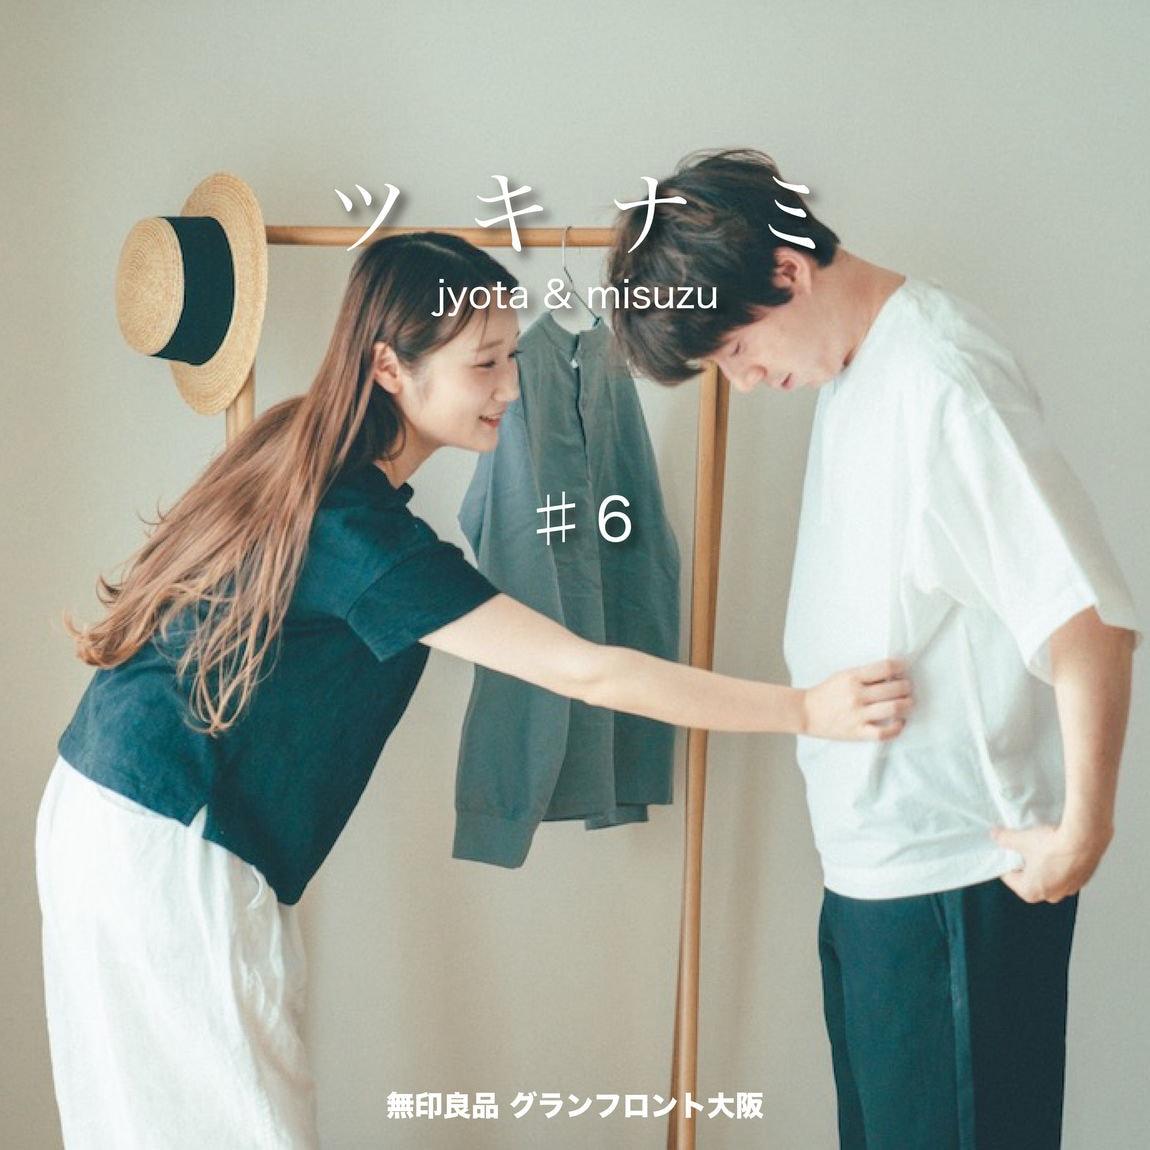 【グランフロント大阪】ツキナミ#6 特別連載企画